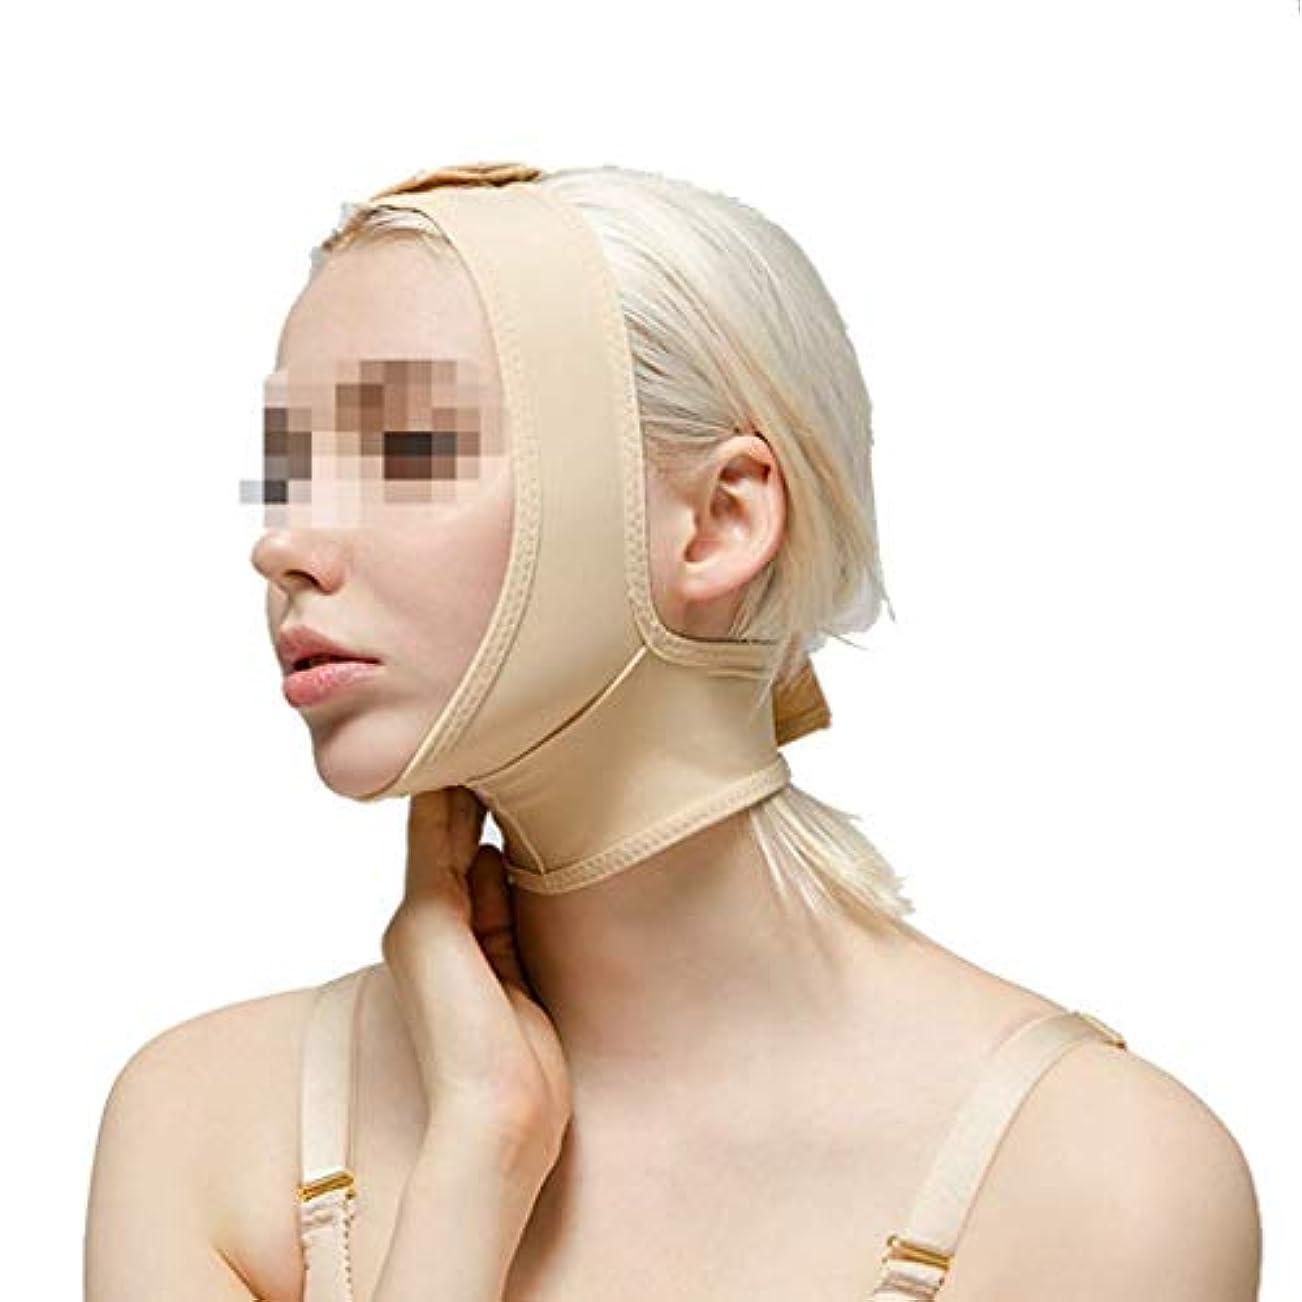 取り壊す促進するやむを得ない術後弾性スリーブ、下顎バンドルフェイスバンデージフェイシャルビームダブルチンシンフェイスマスクマルチサイズオプション(サイズ:XXL)